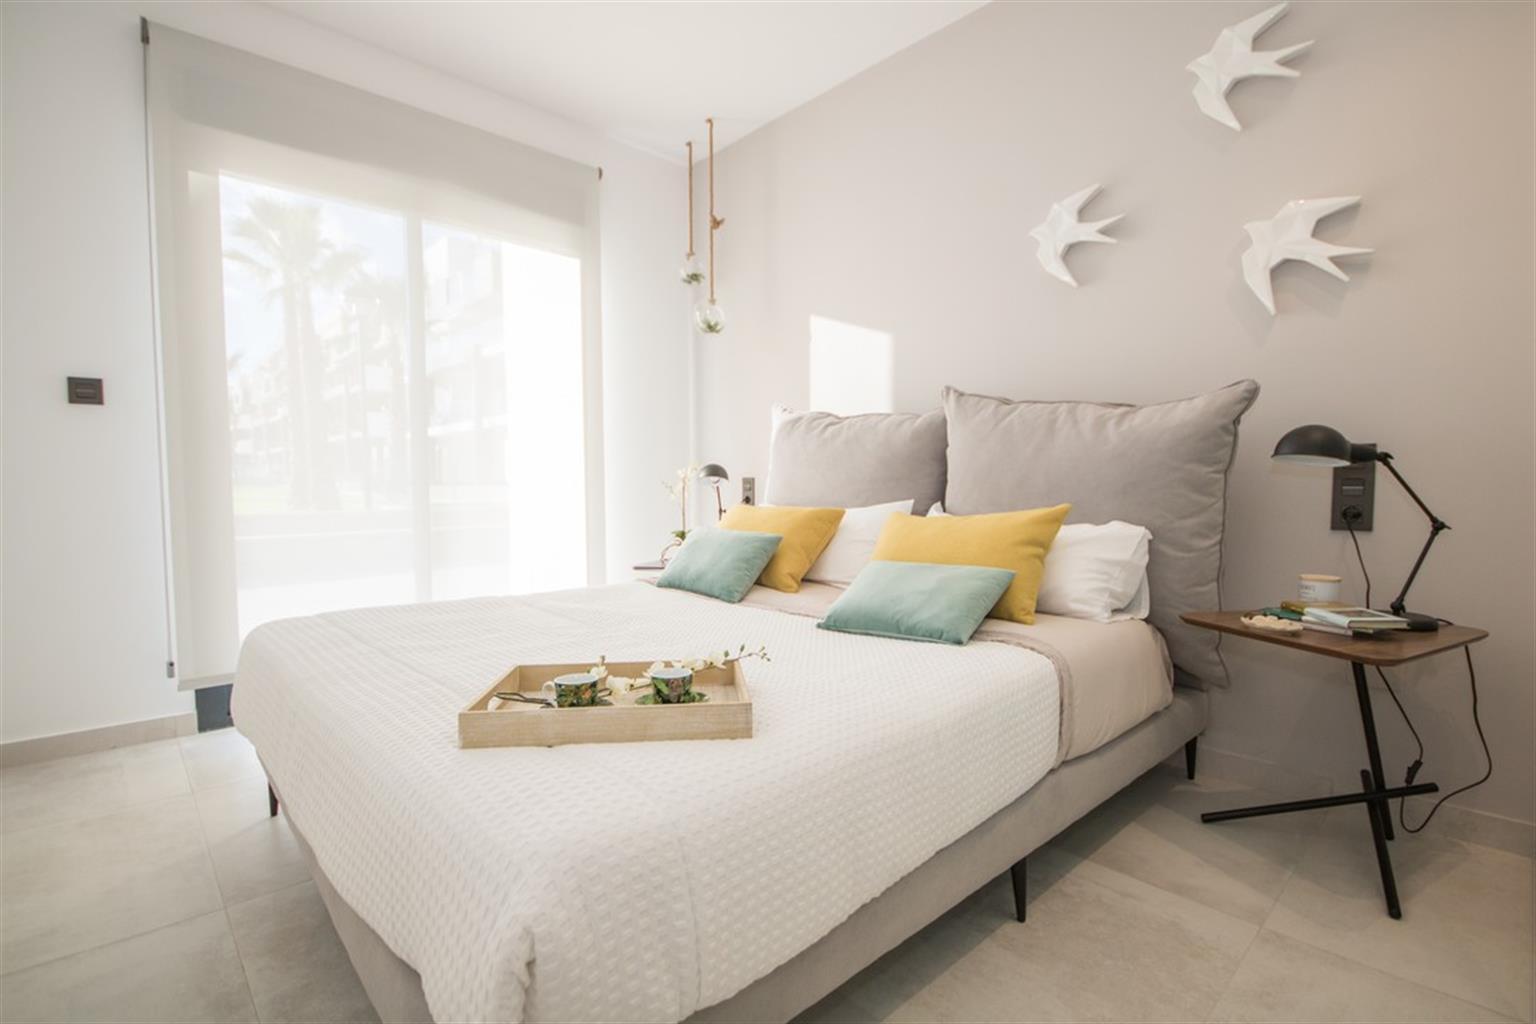 Appartement - El Raso  - #4230271-33